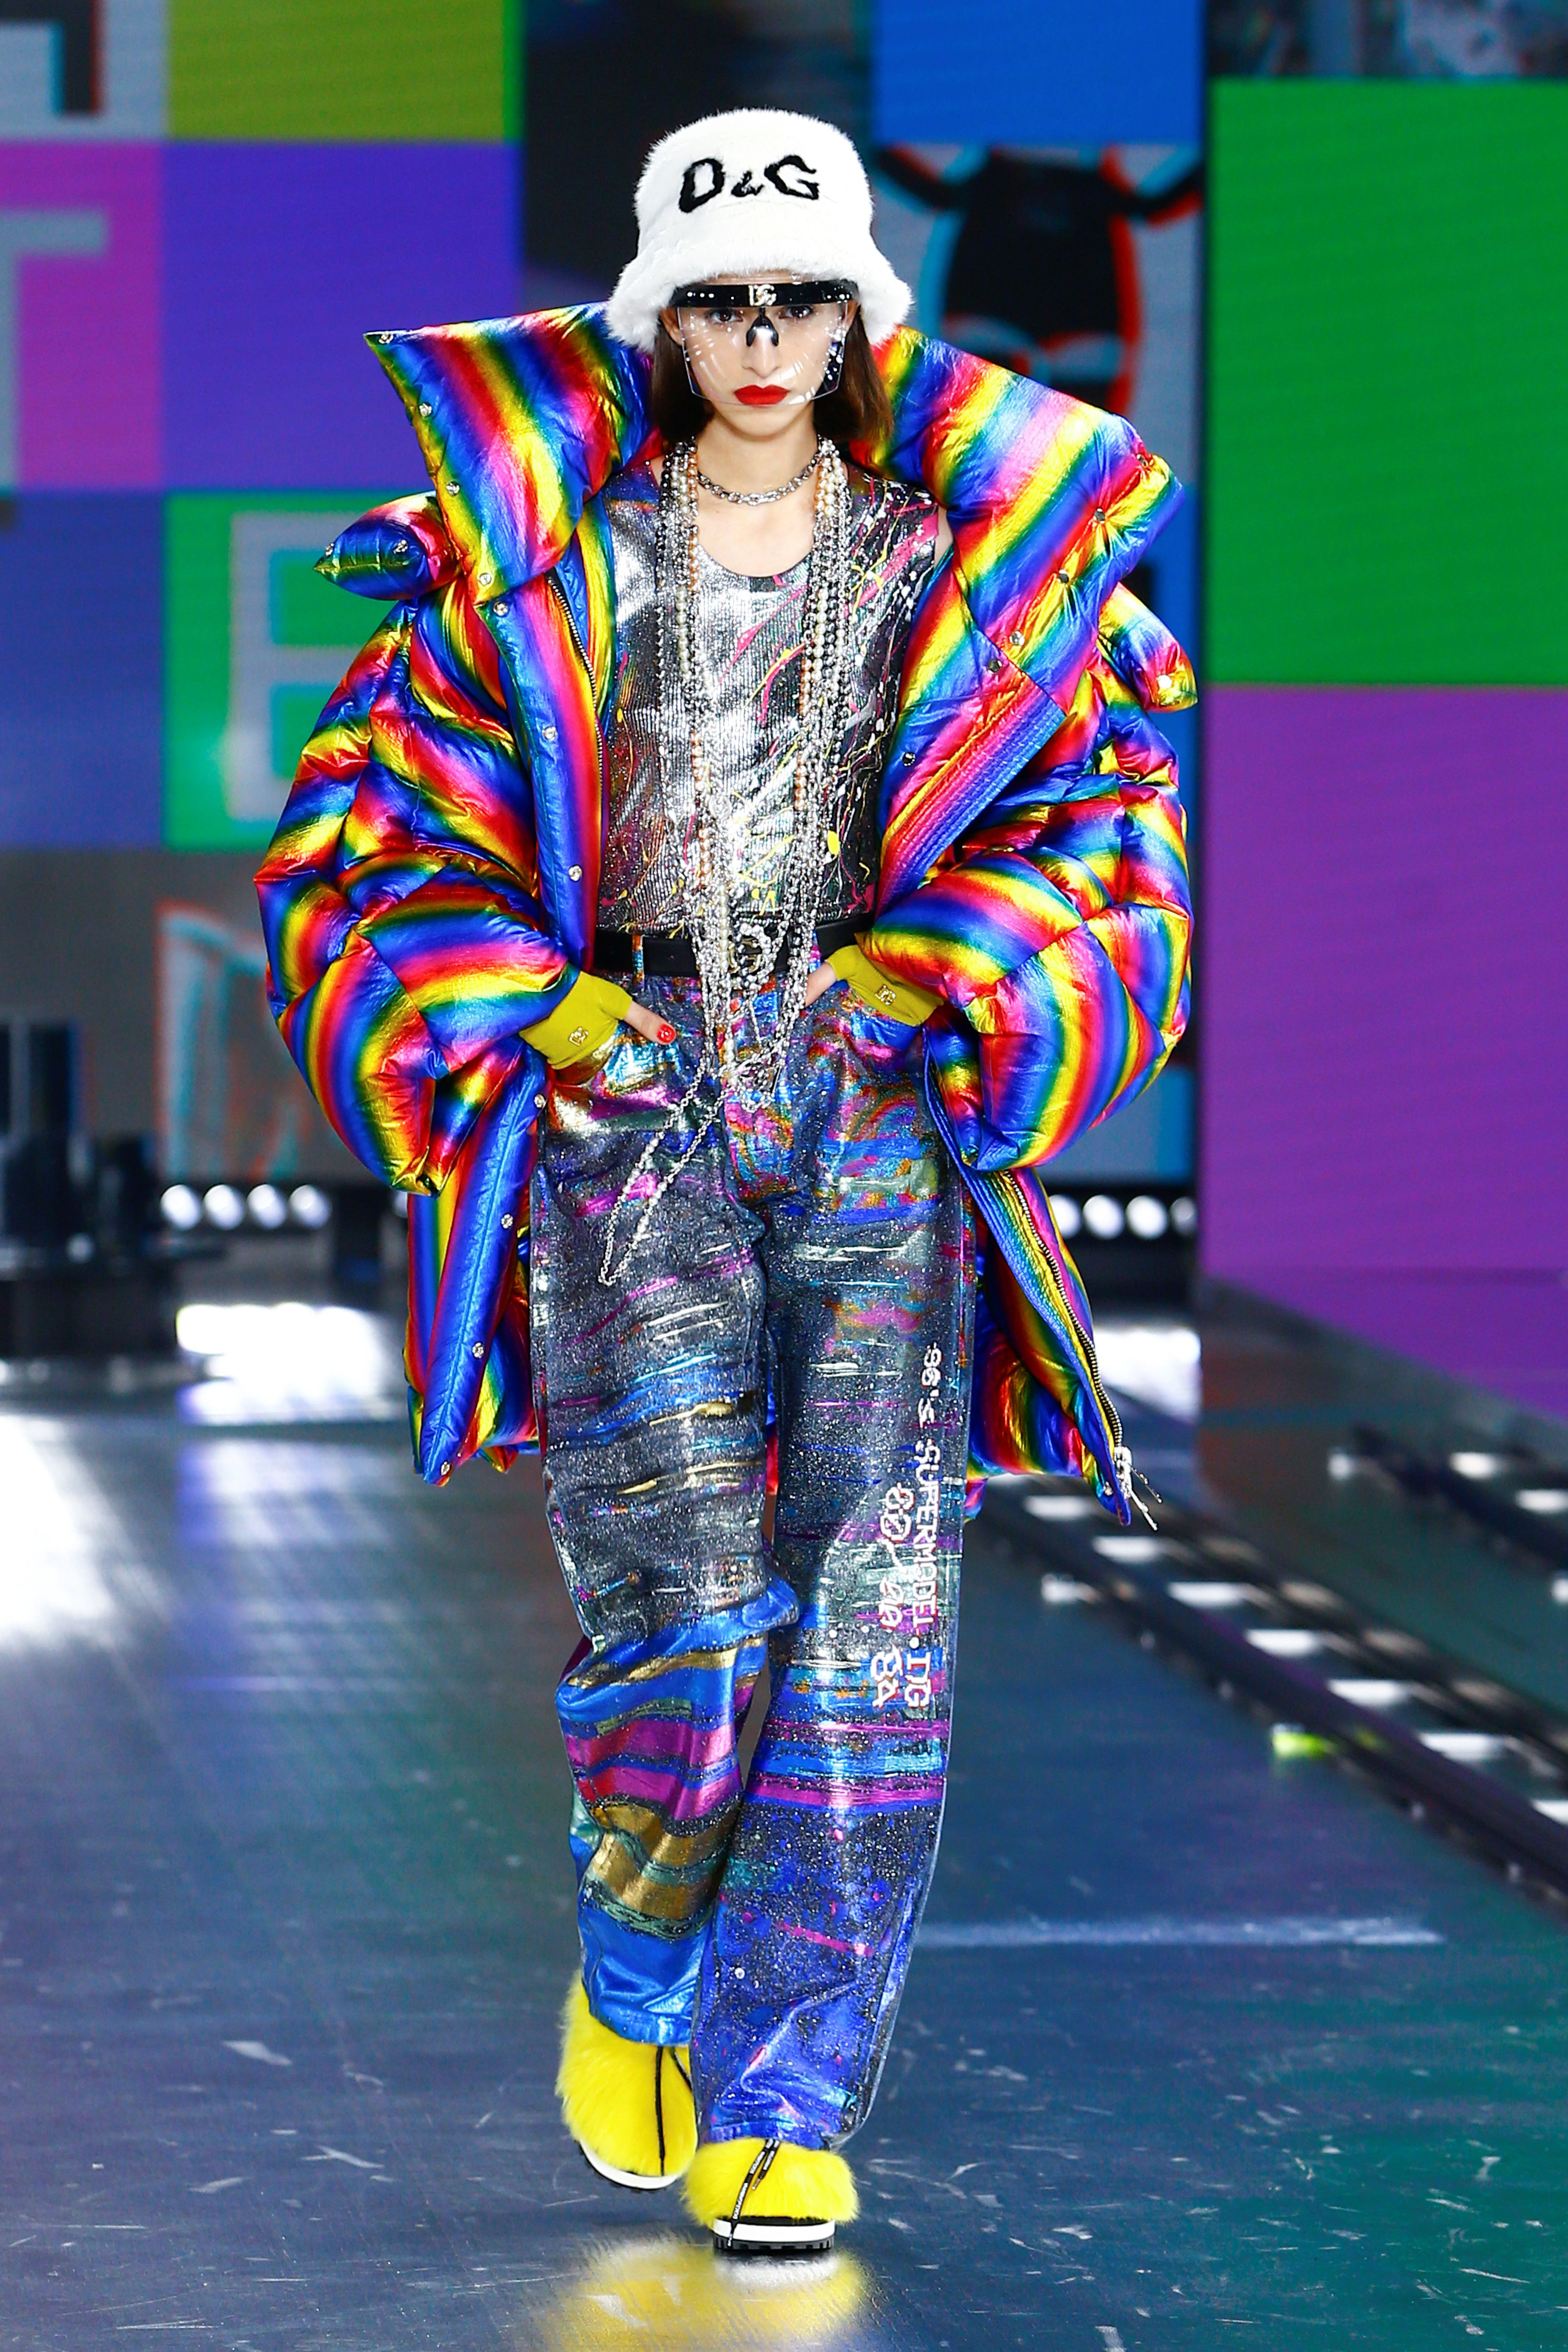 Los colores brillantes, los estampados de leopardo y los abrigos y blusas dorados y plateados relucientes se hicieron presentes en el desfile de Dolce & Gabbana. En pasarela, las prendas furor: la puffer jacket y un piluso de piel